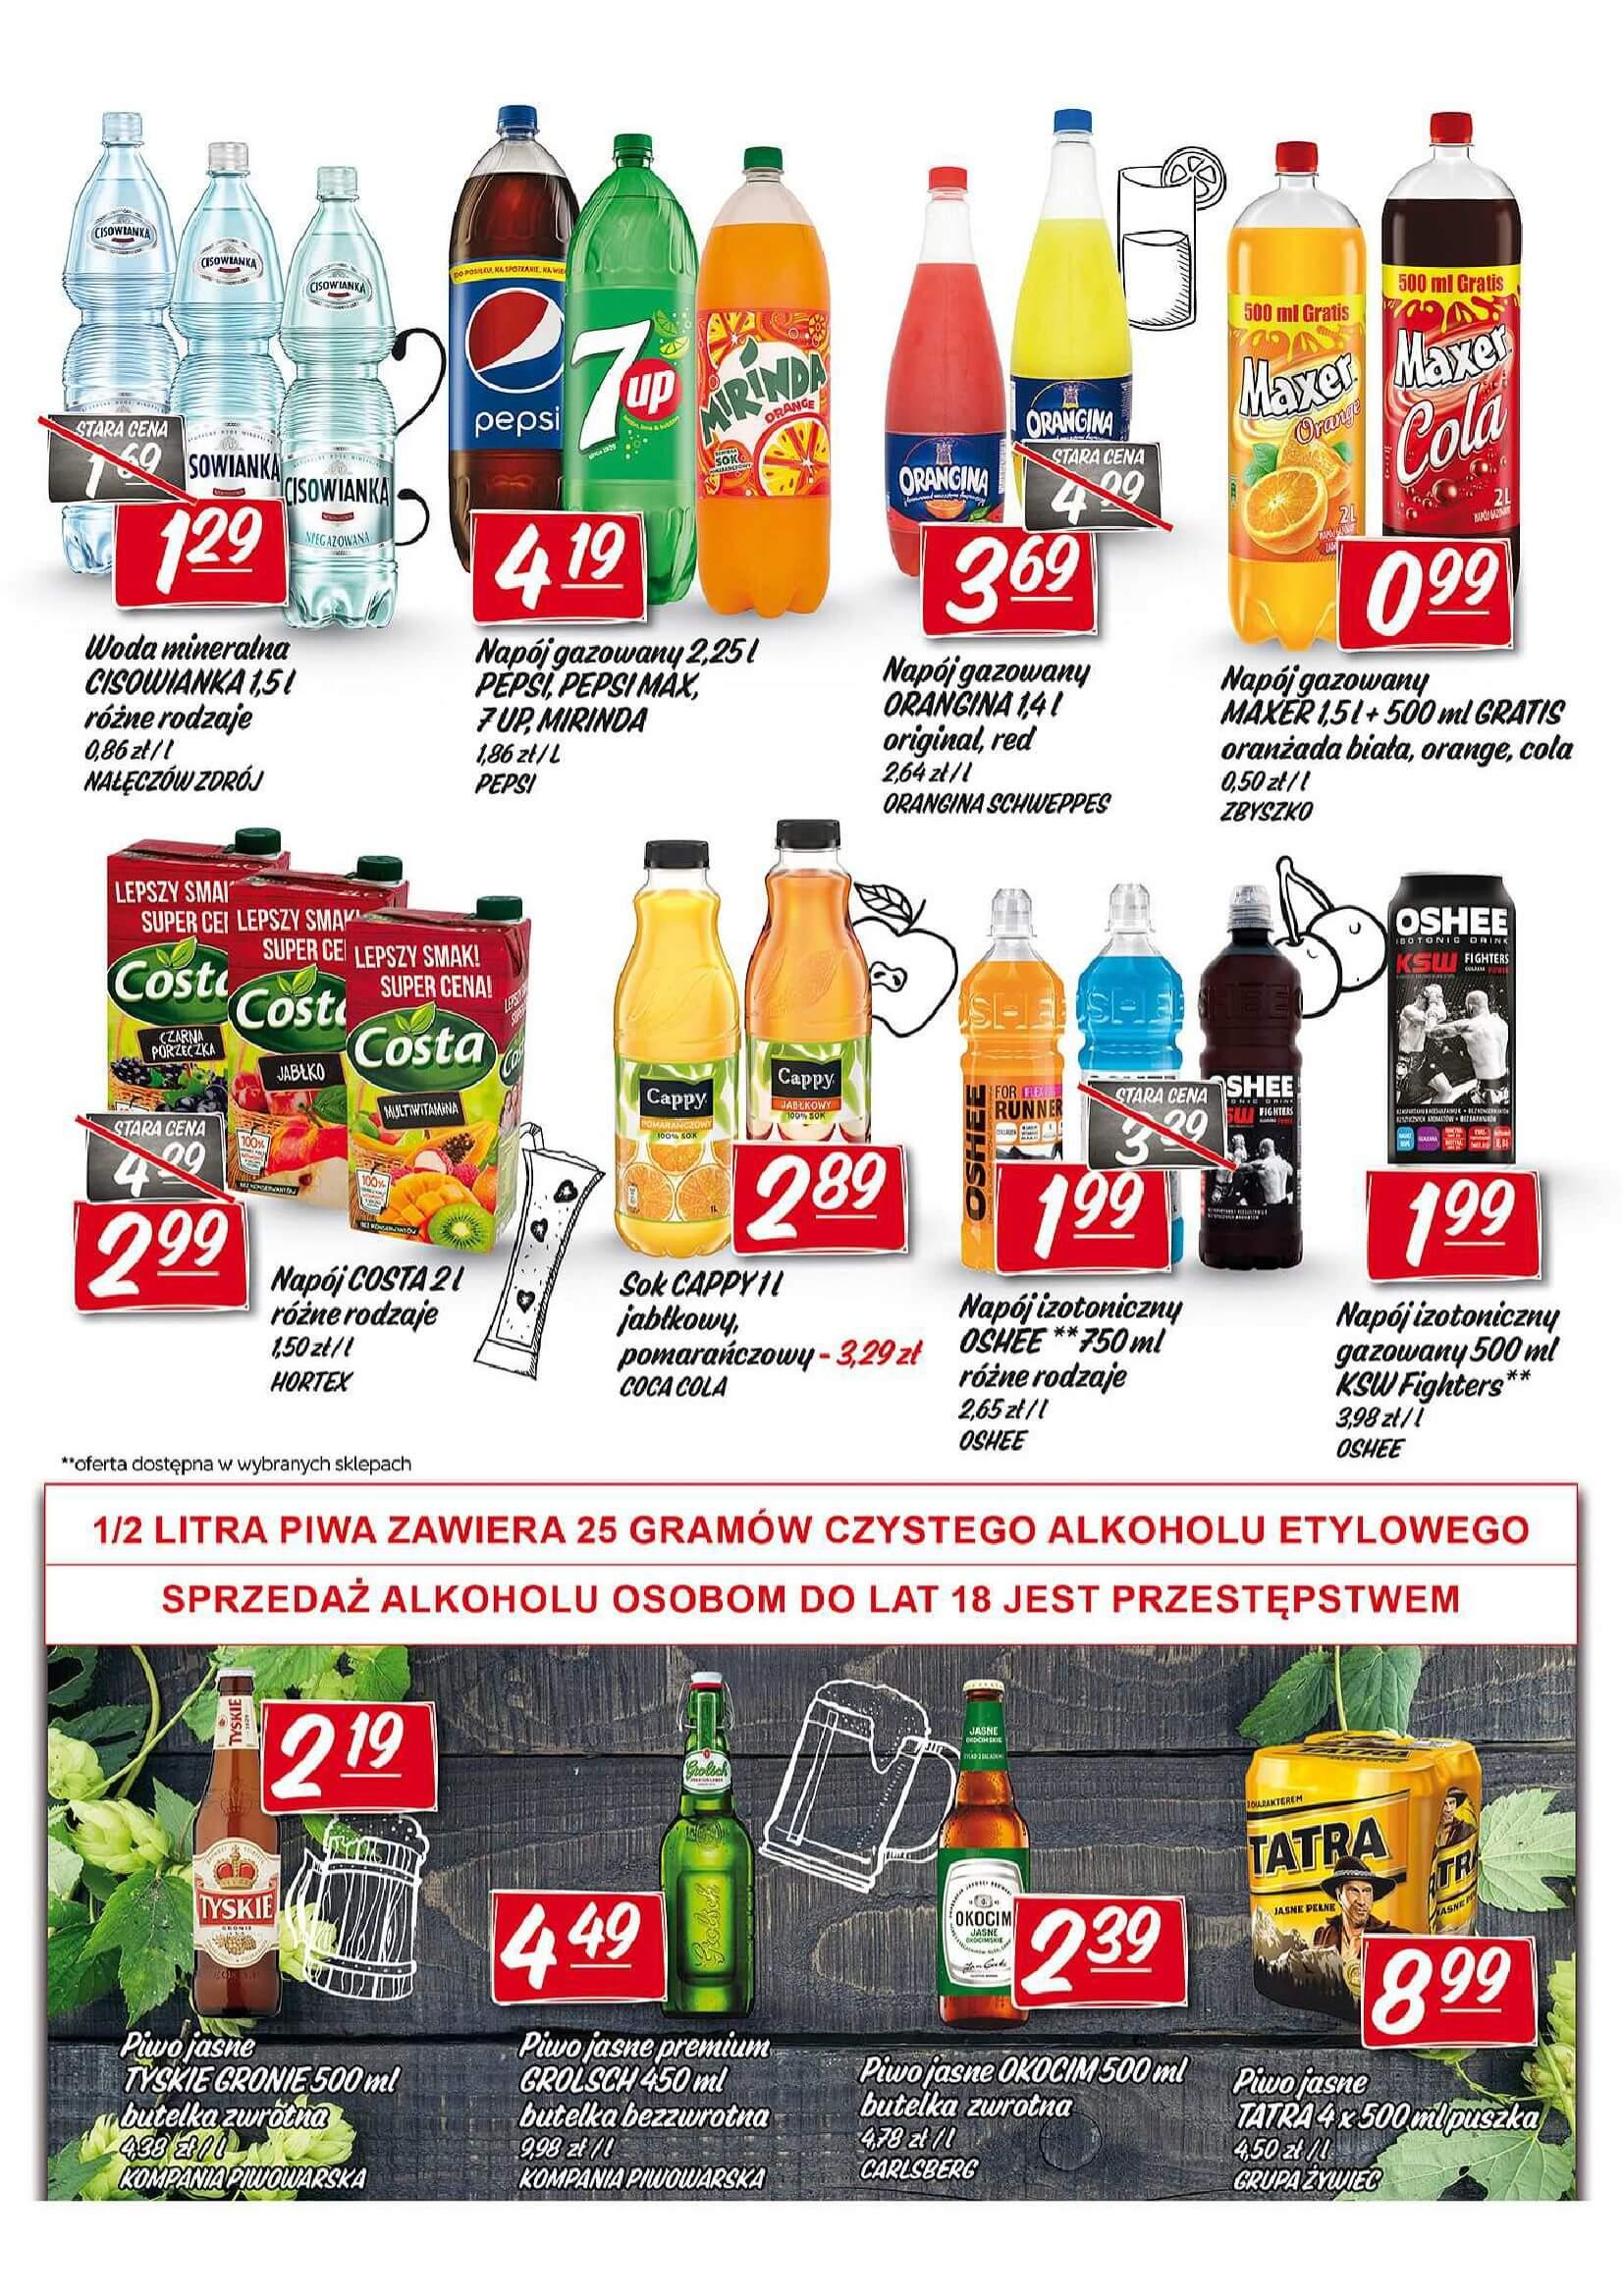 Gazetka Aldik - Oferta na artykuły spożywcze-2017-12-06-2017-12-13-page-12